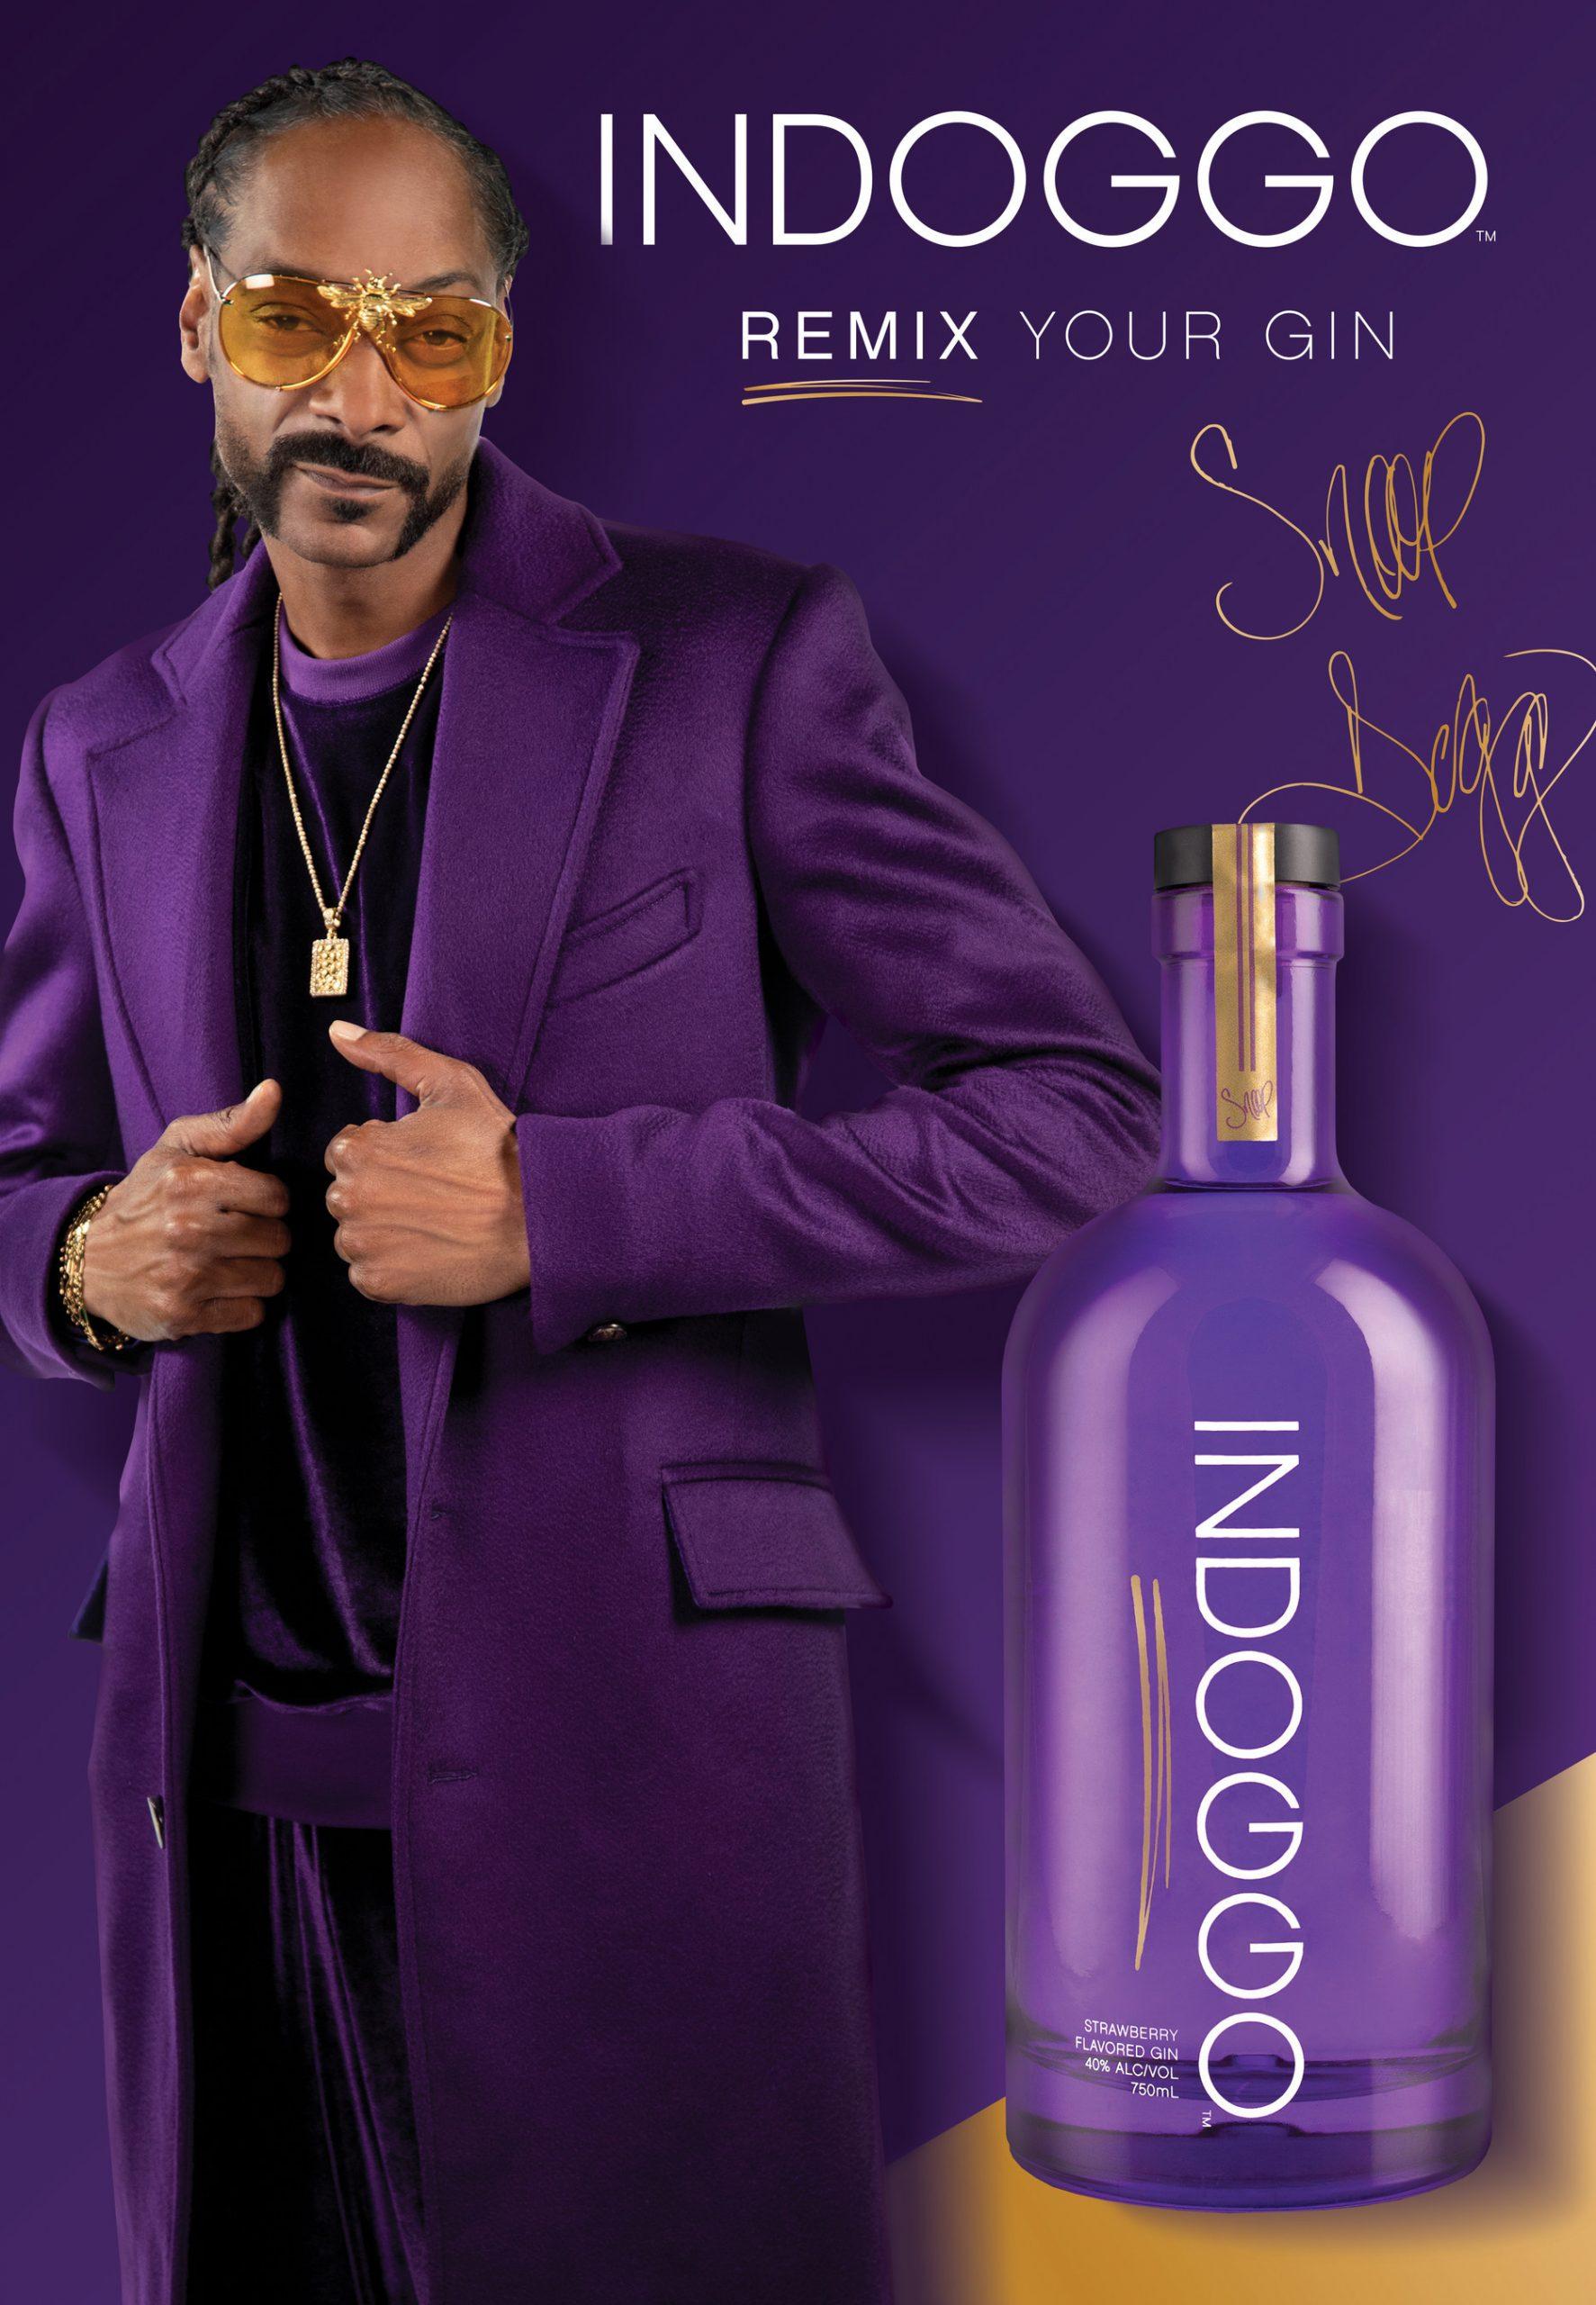 Snoop-Dogg-INDOGGO-Gin